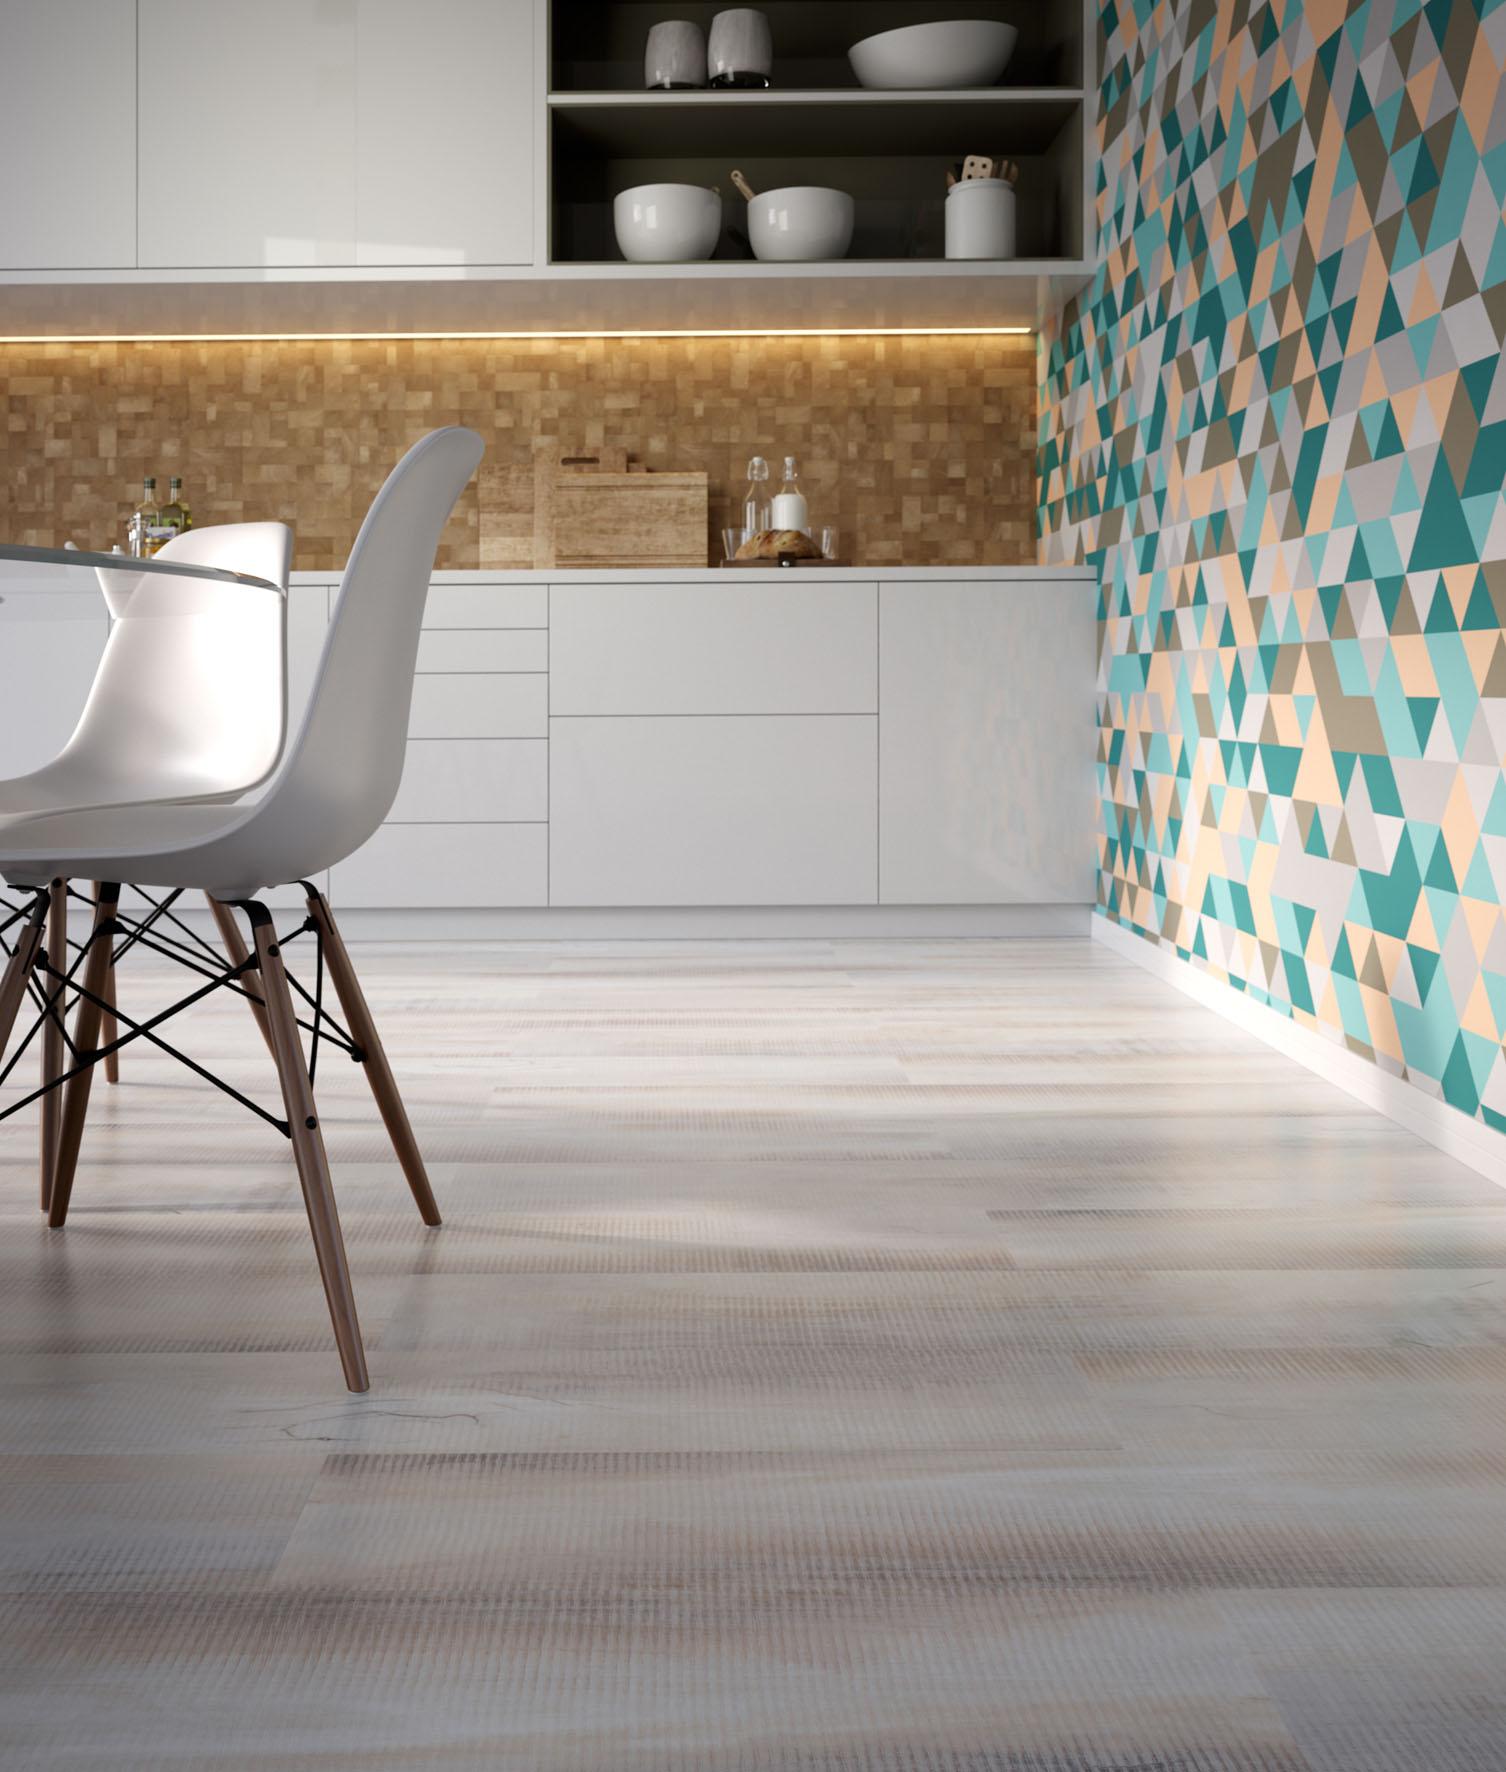 Ambientes decorados com pisos vinílicos e laminados em tons claros